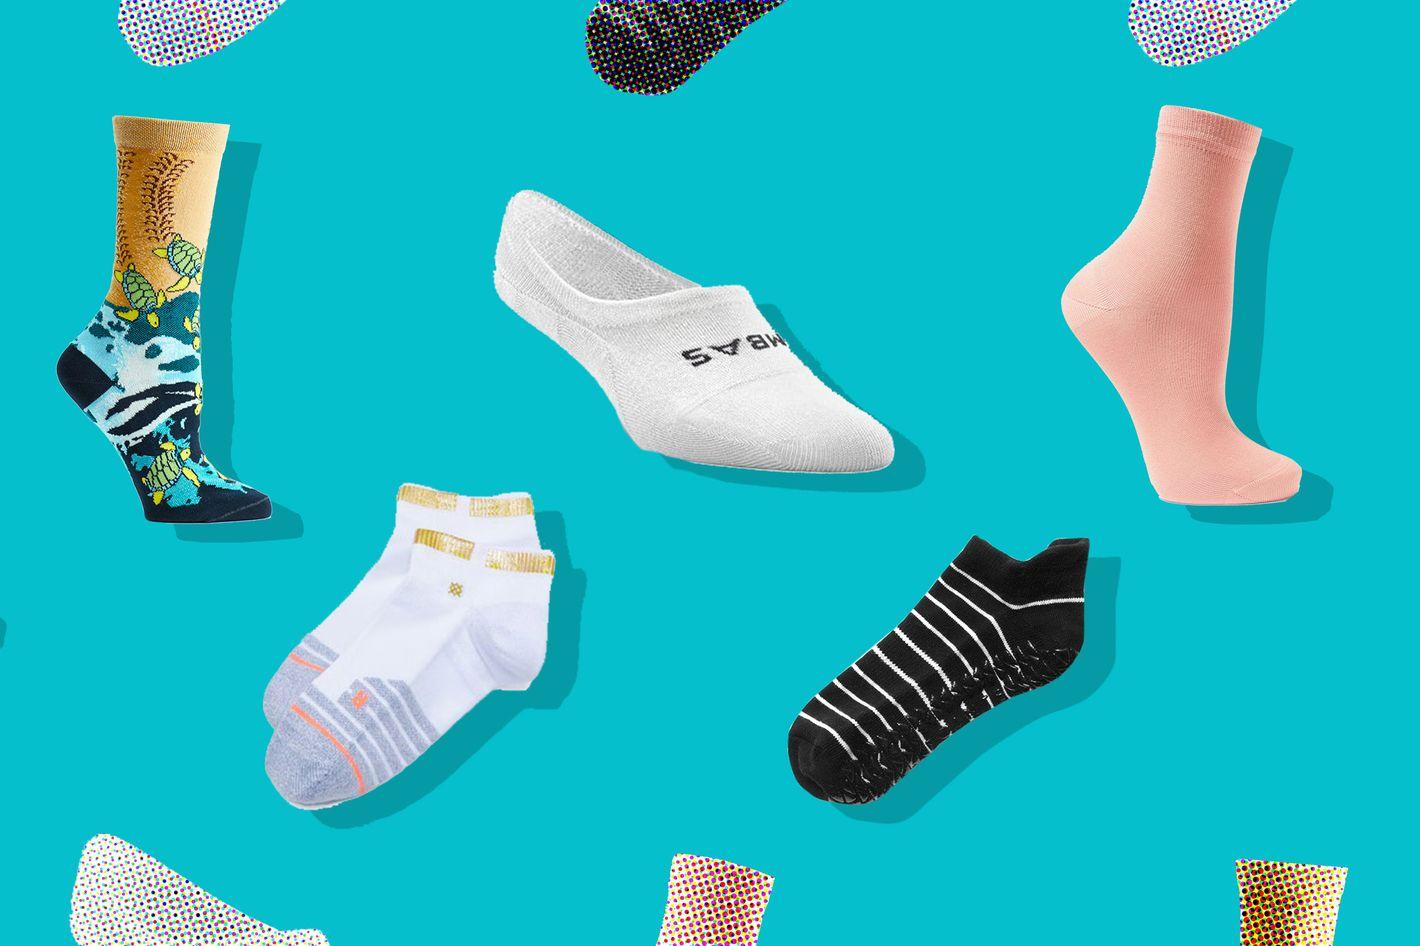 The Best Socks for Women Reviews 2017